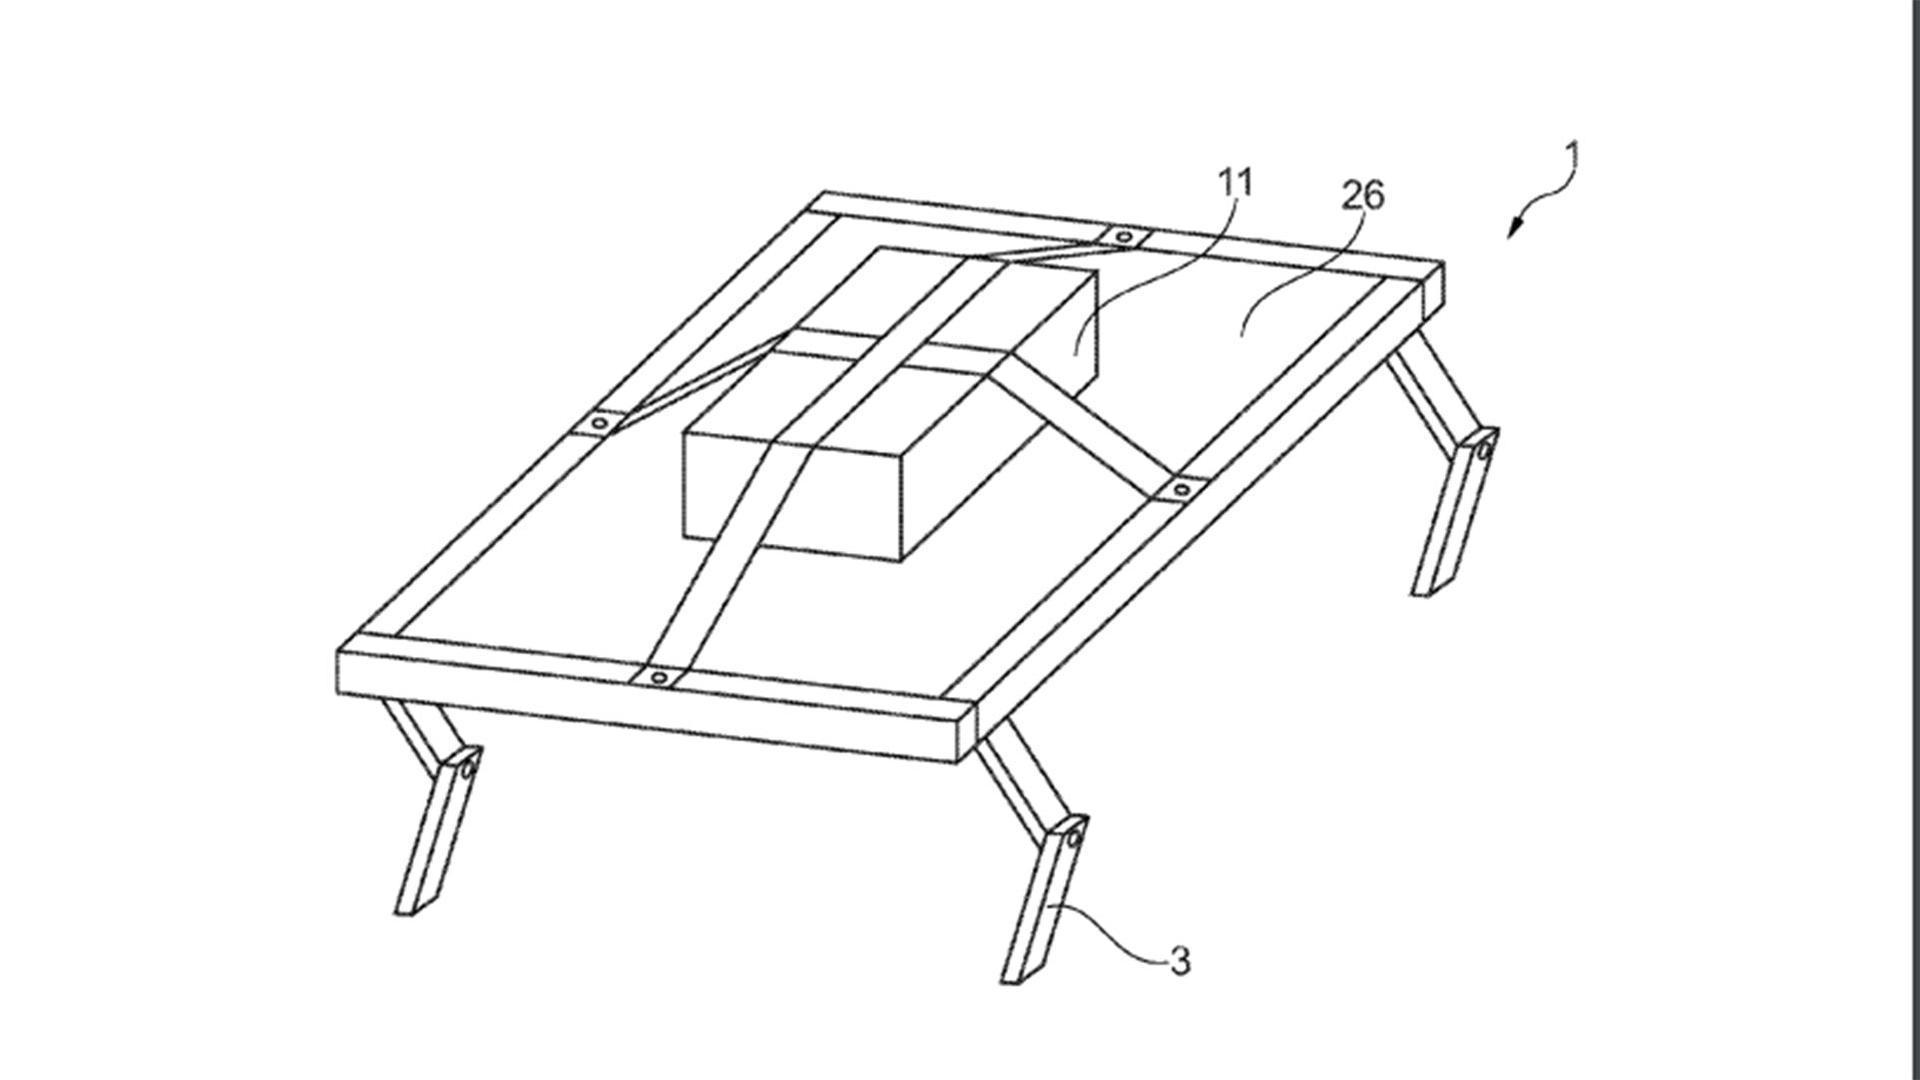 Ford запатентовал автомобильные сиденья с «ногами» 2